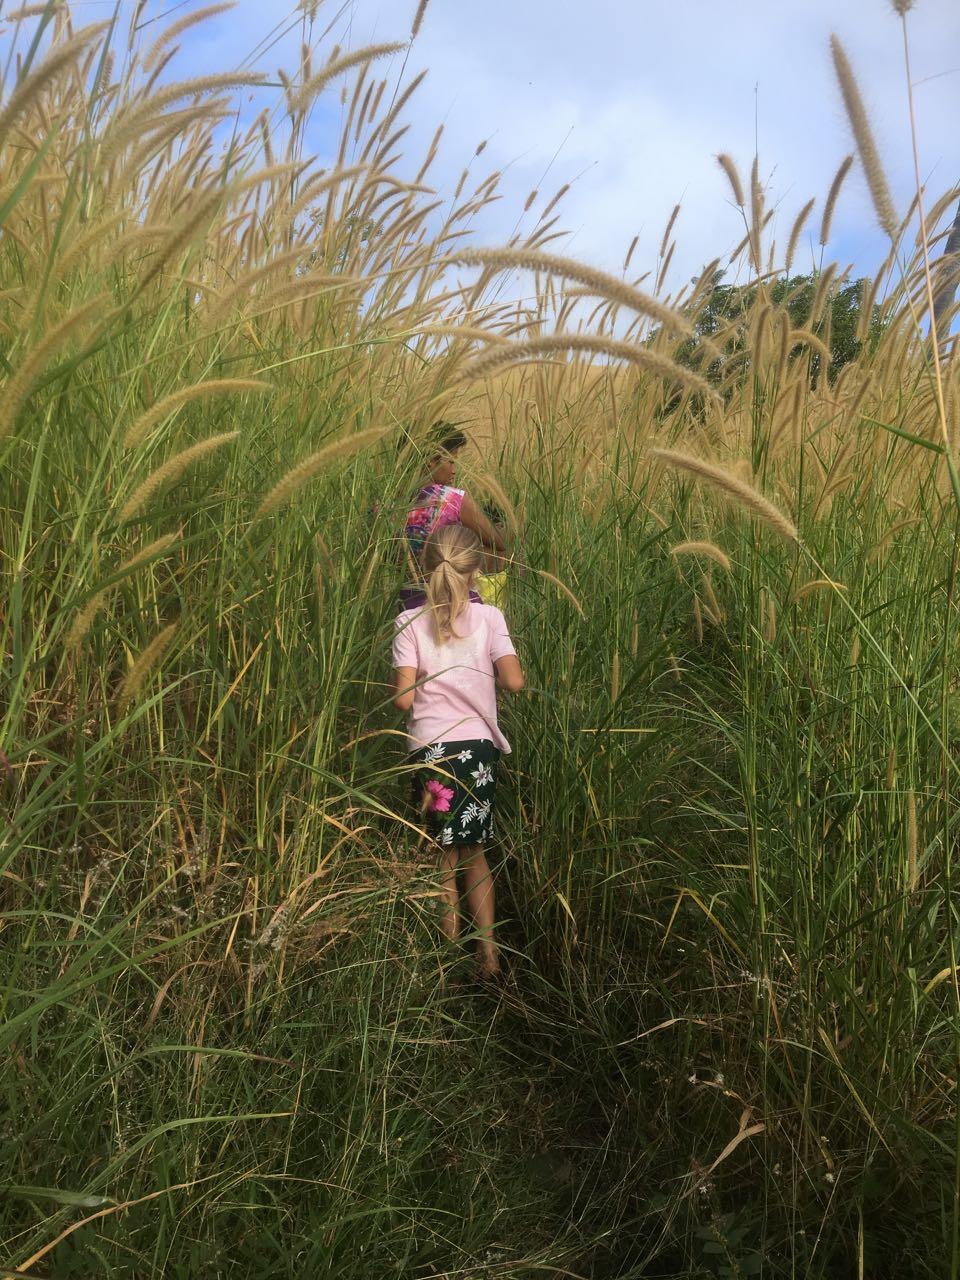 Das hohe Gras wird auf dem Weg in das Dorf Komo auf Fidschi immer dichter